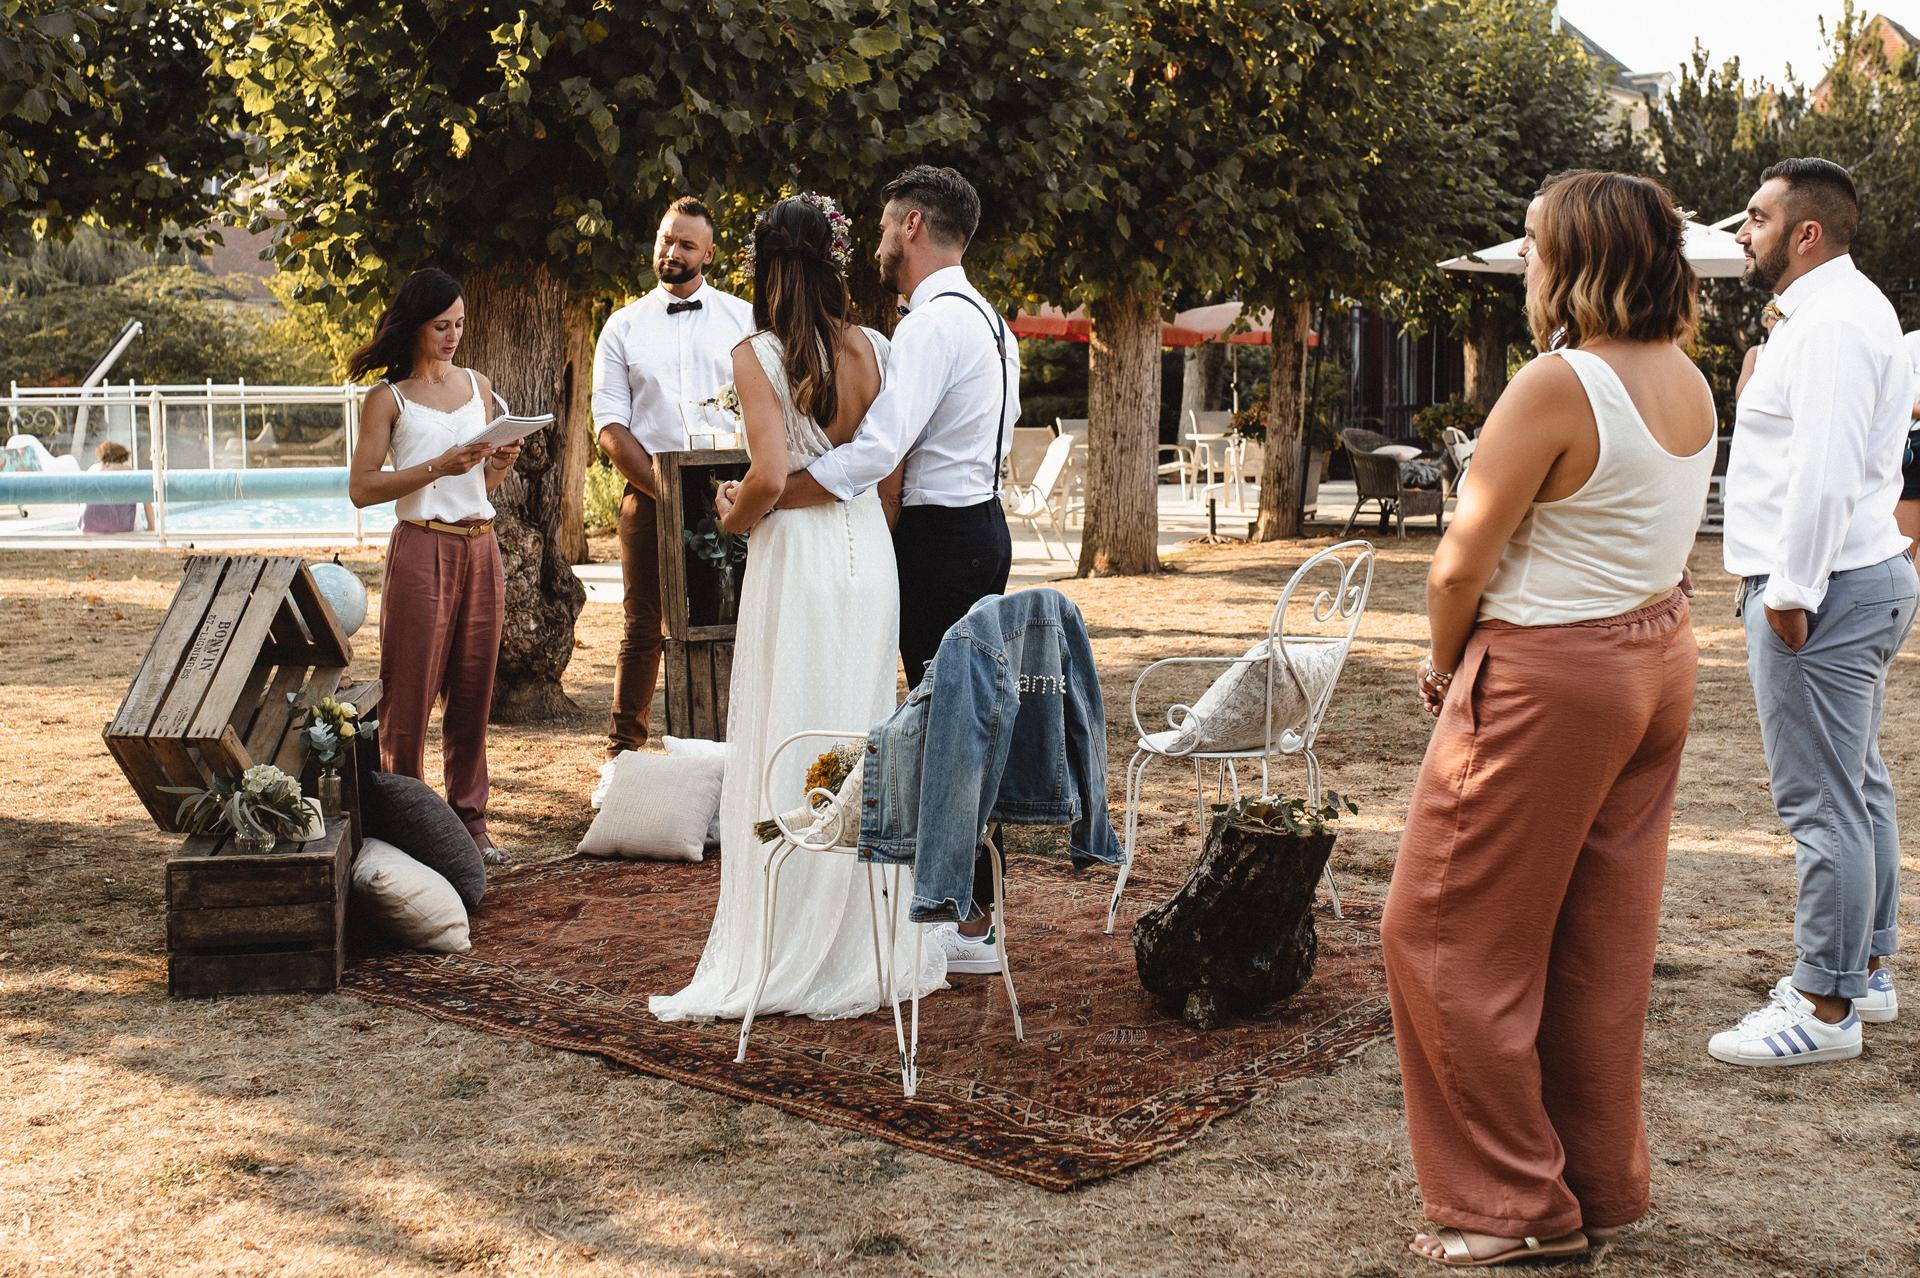 法国的婚礼摄影师| 这对夫妻在装饰空间时突出了自己的风格